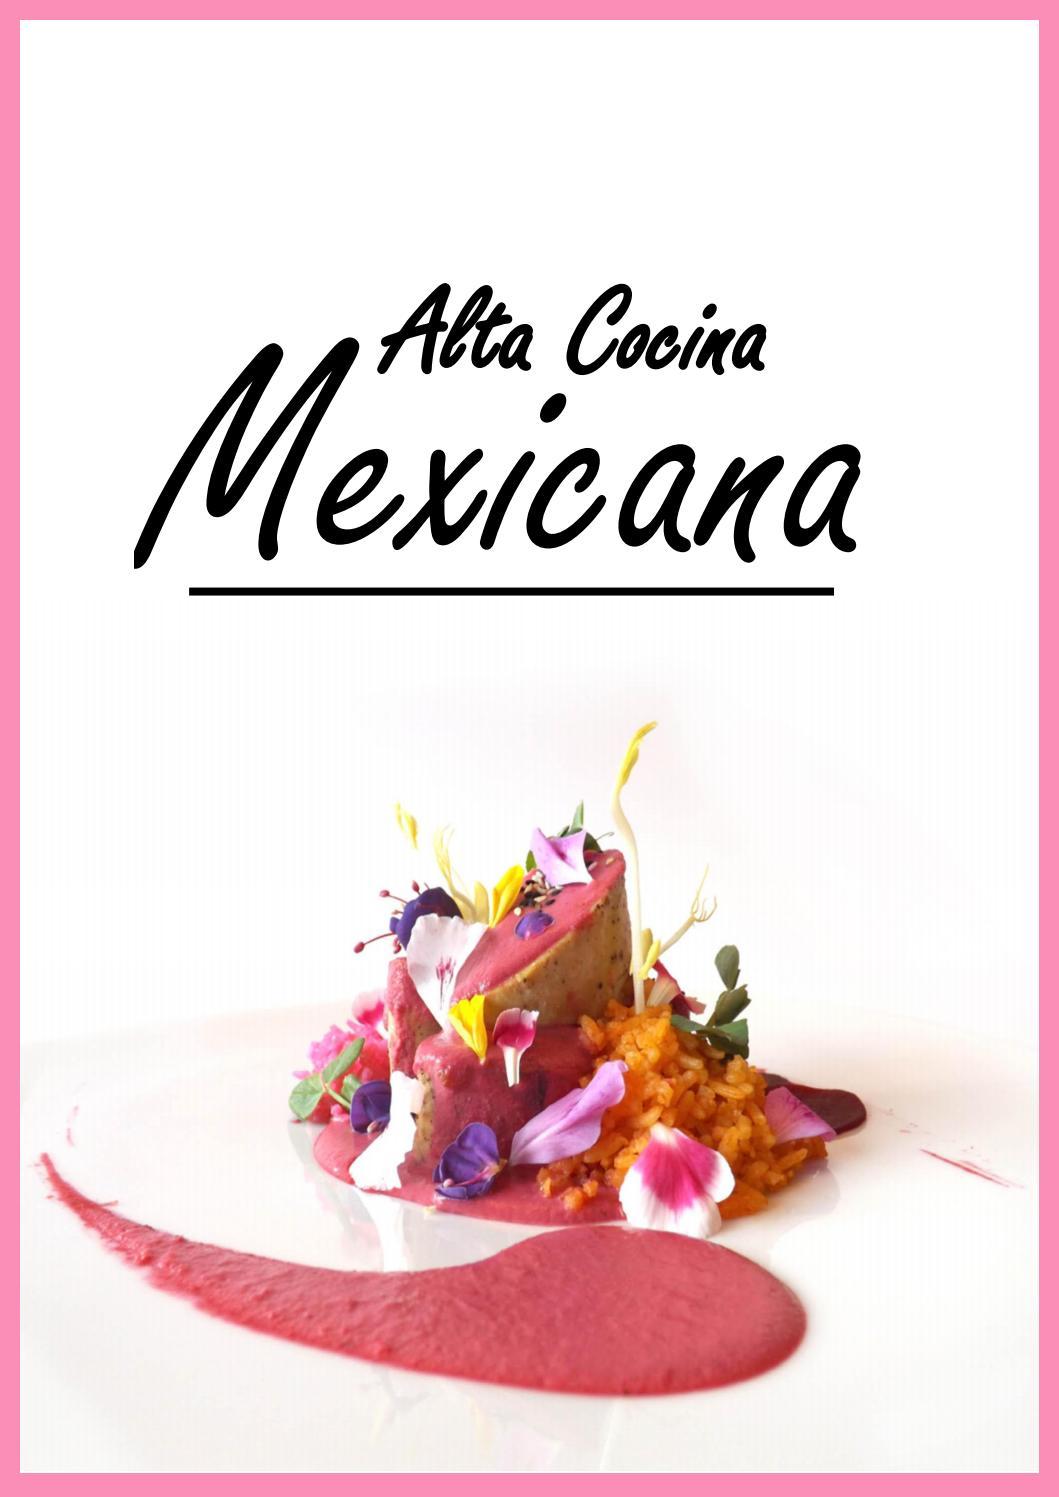 Alta cocina mexicana by joseph millan issuu for Alta cocina mexicana